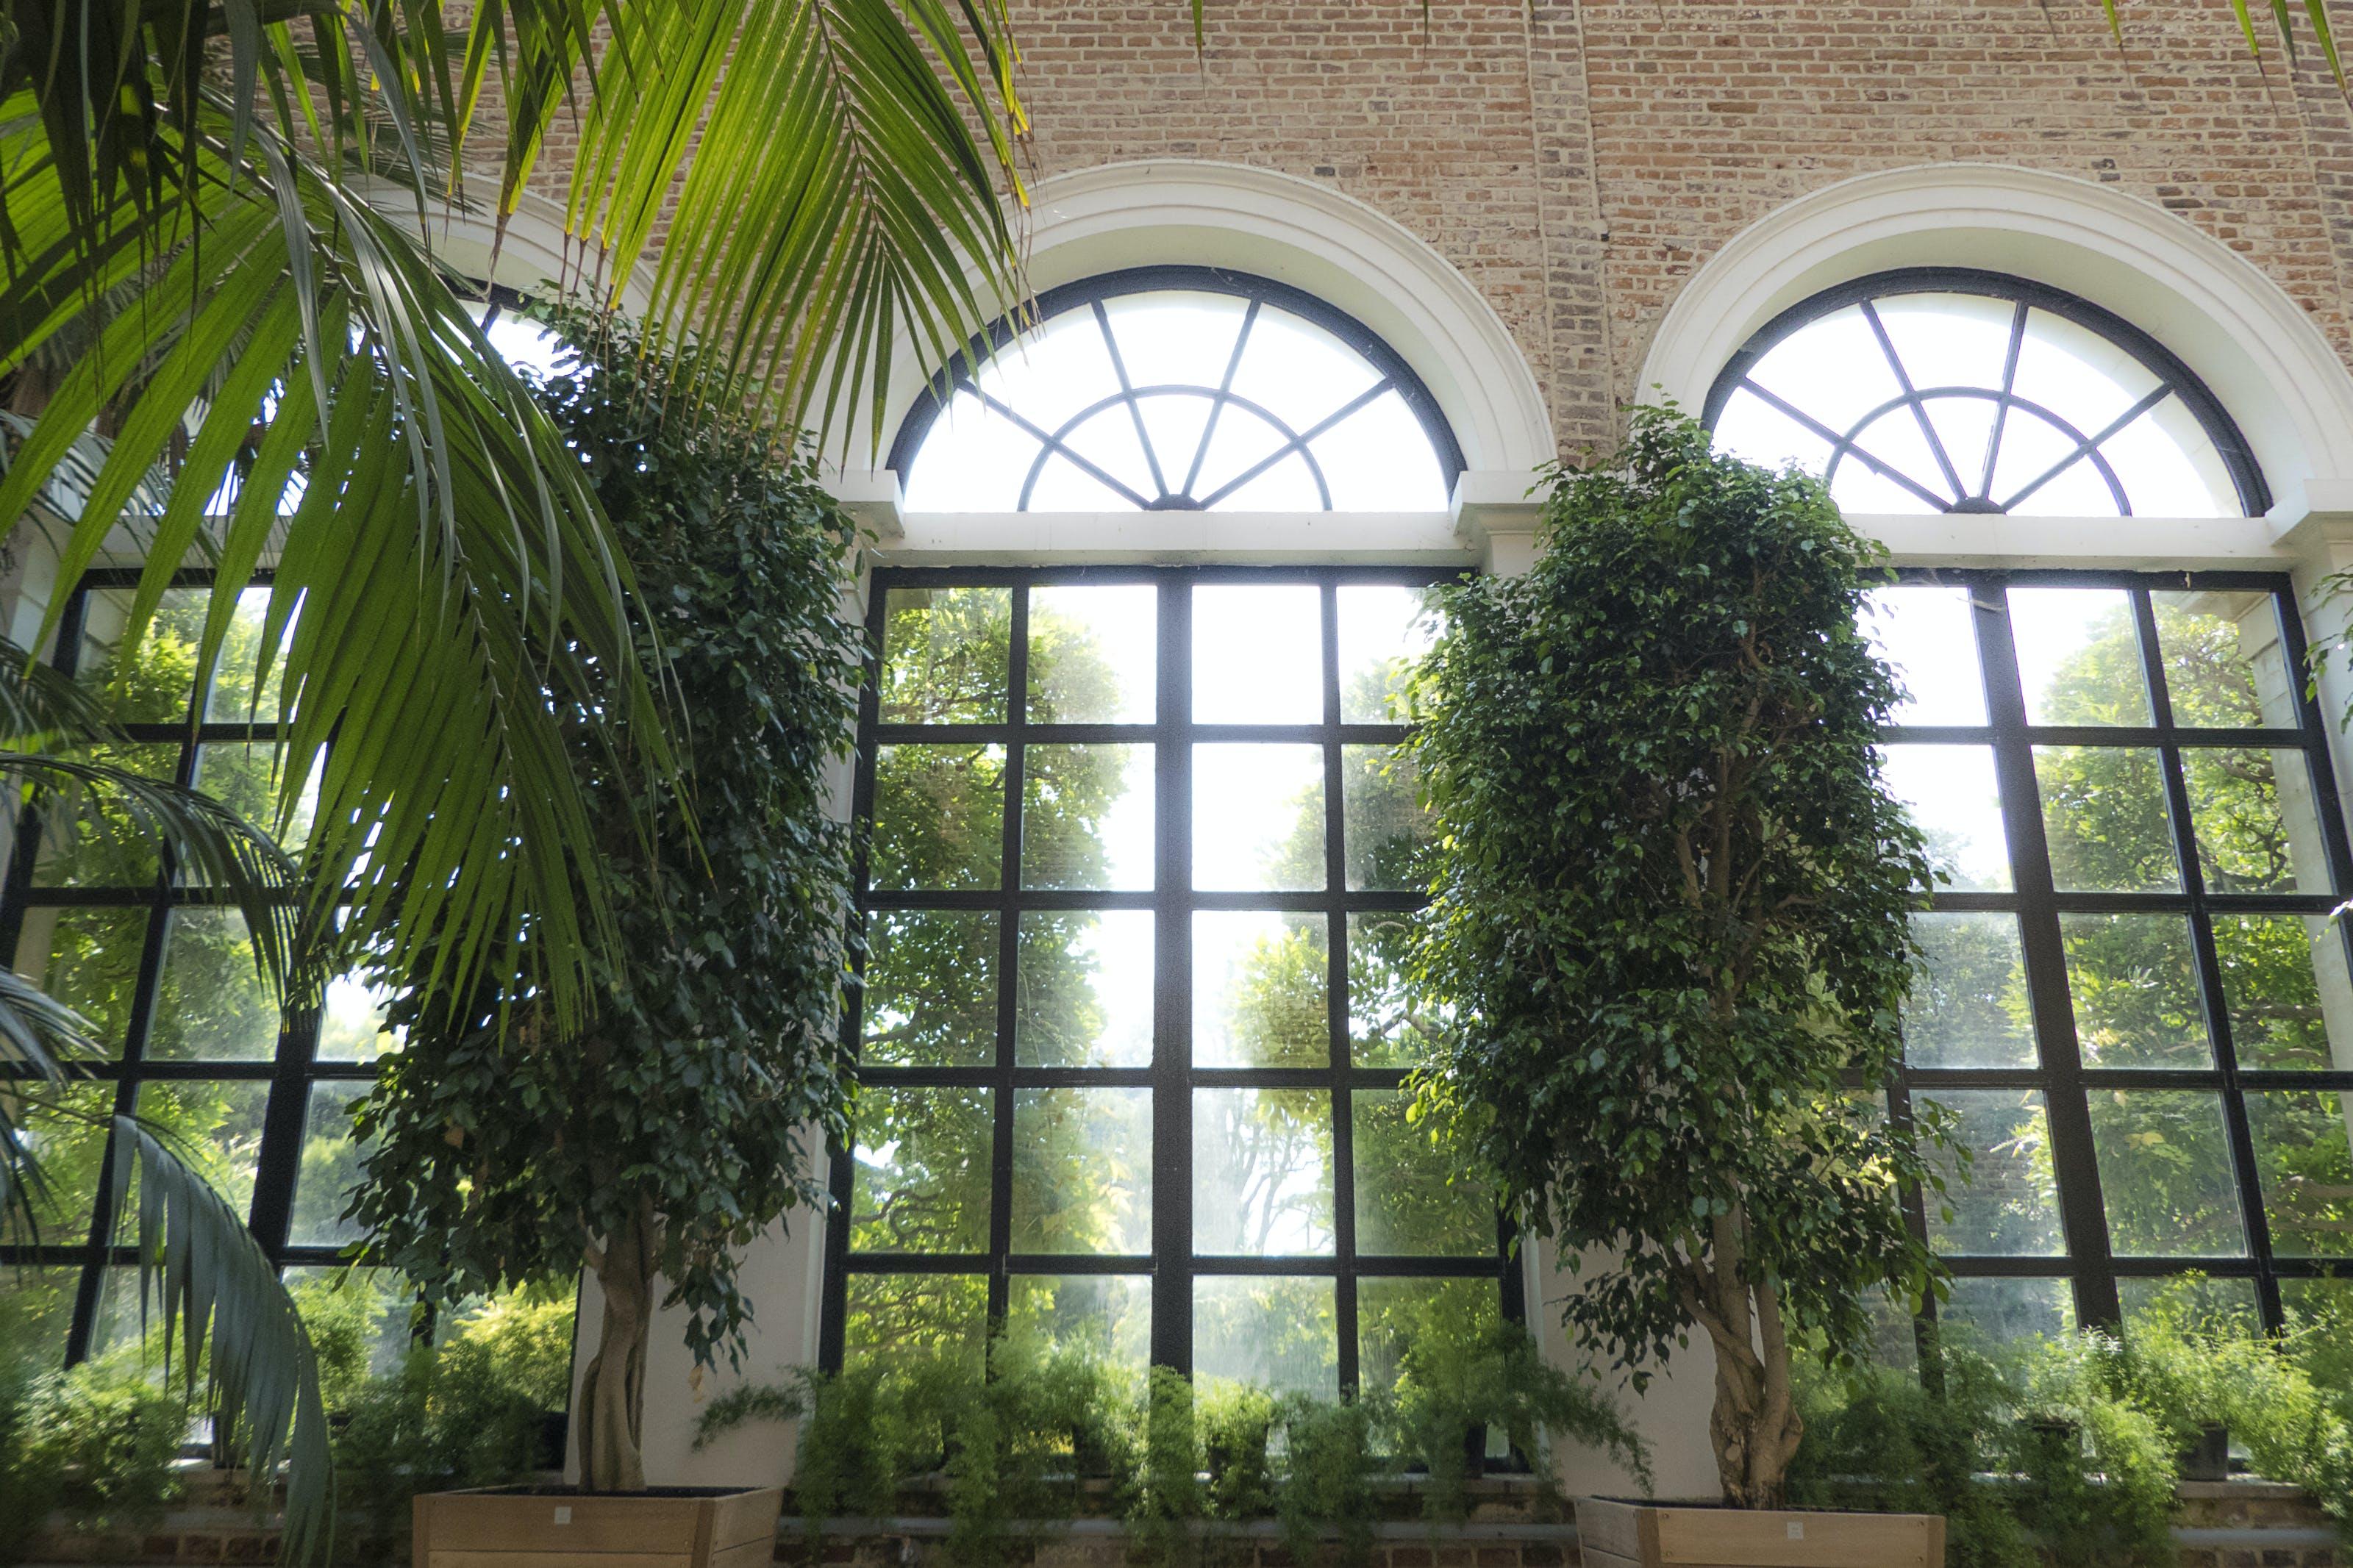 Δωρεάν στοκ φωτογραφιών με σκούρα πράσινα φυτά, τοξωτό παράθυρο, τούβλο